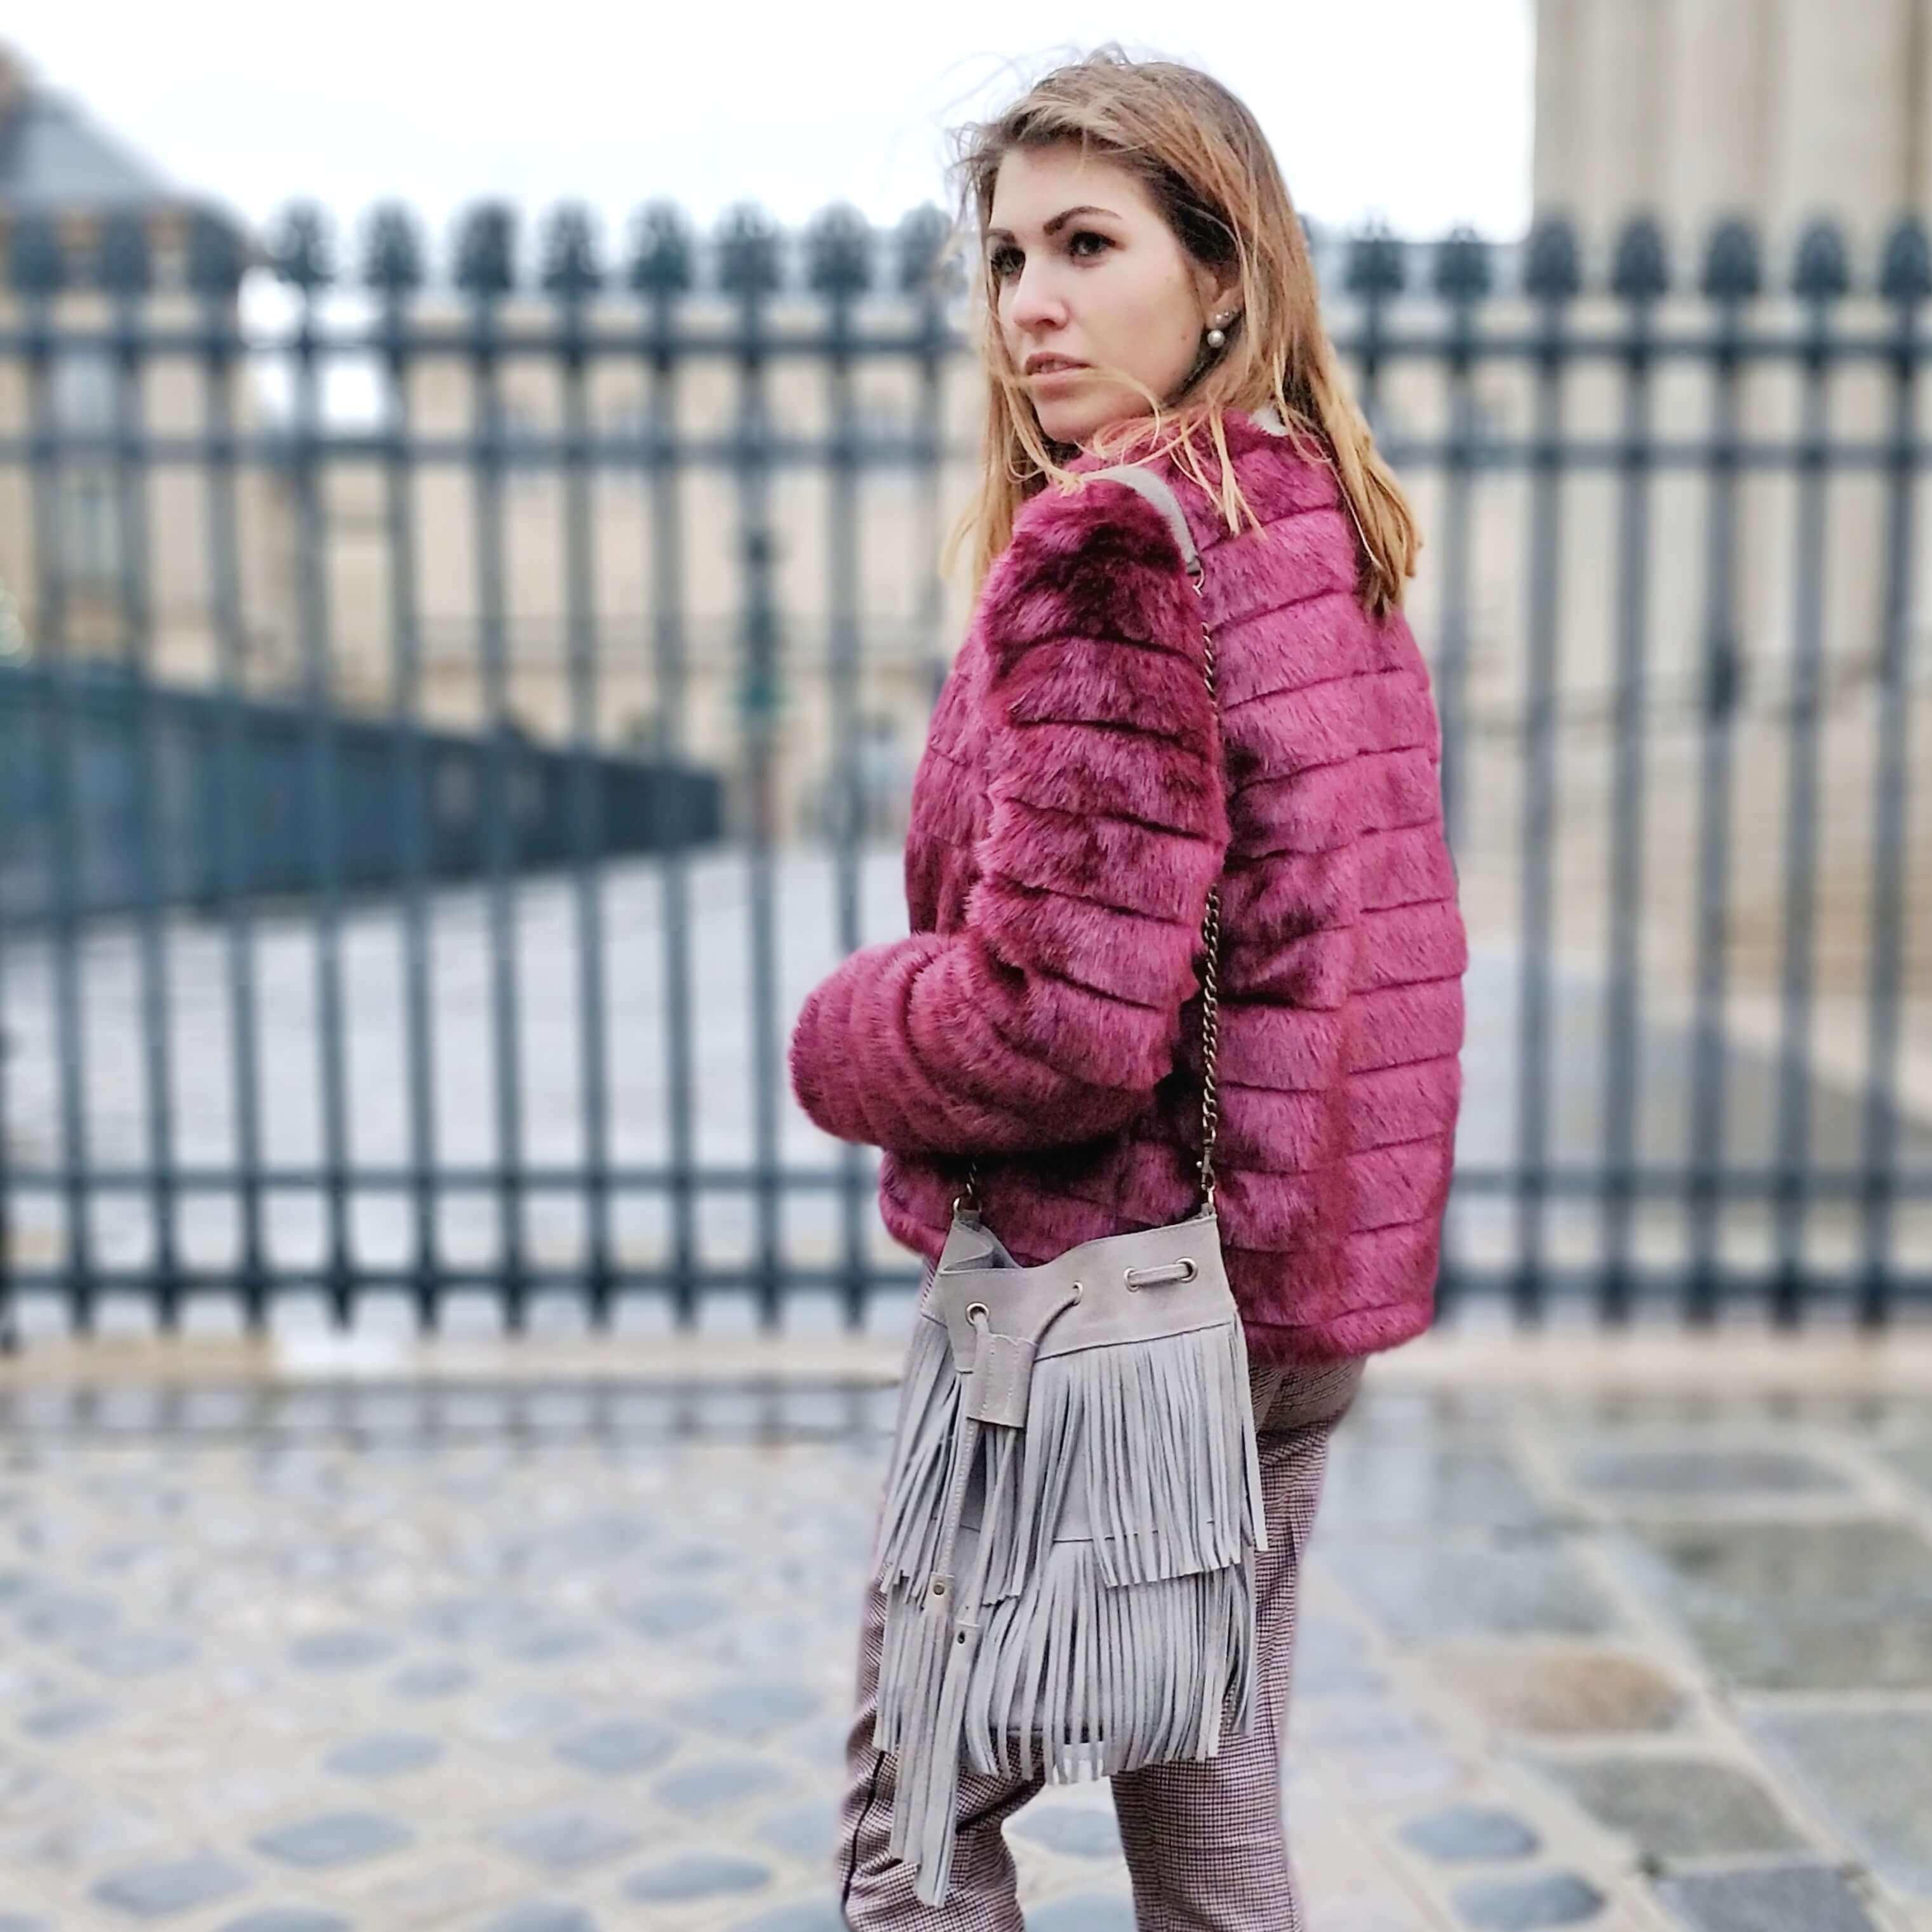 détails manteau fausse fourrure bordeaux blog 19 janvier - L'hiver en fausse fourrure